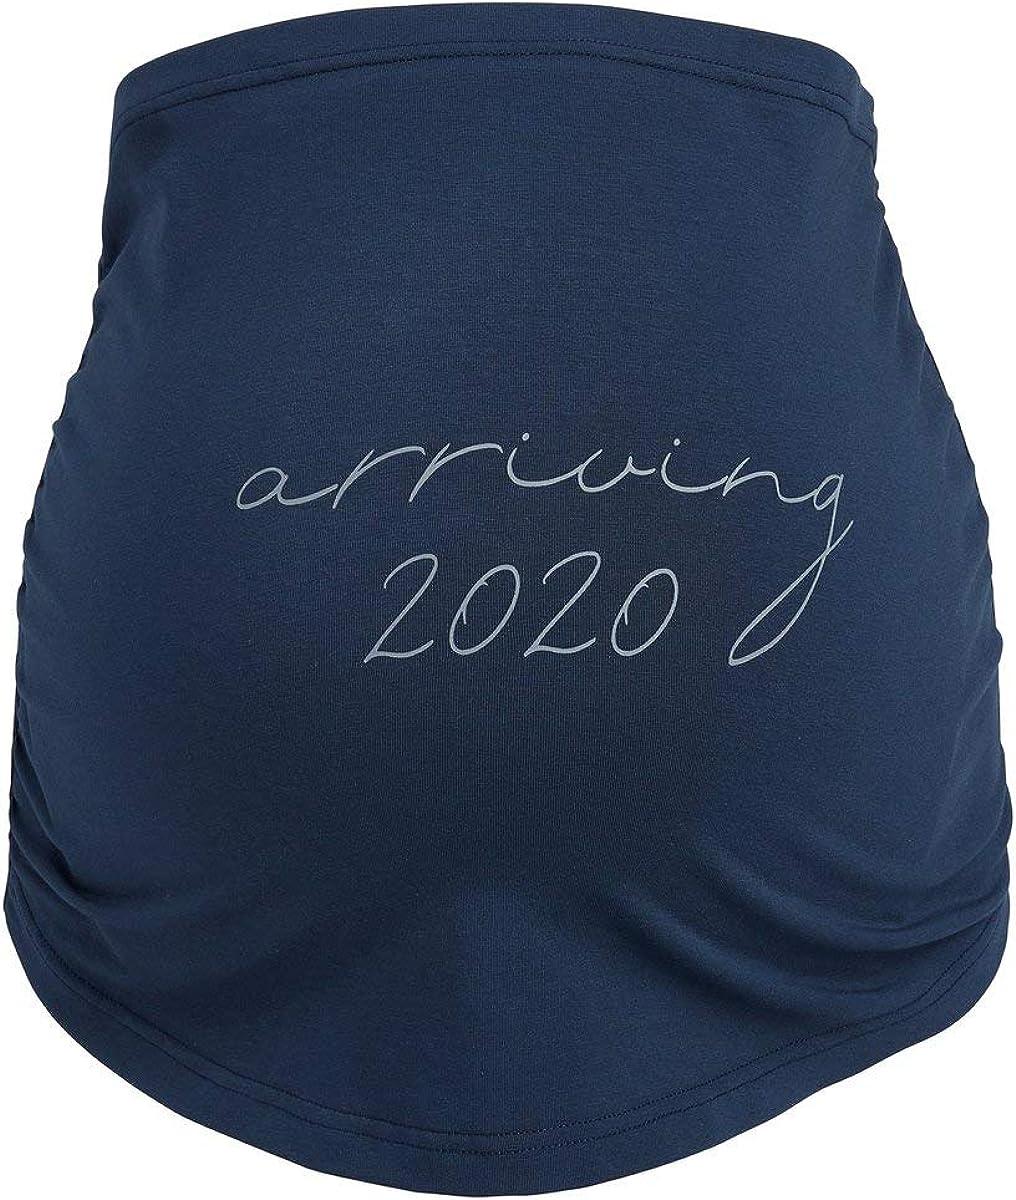 2HEARTS Umstands-Bauchband Arriving 2020